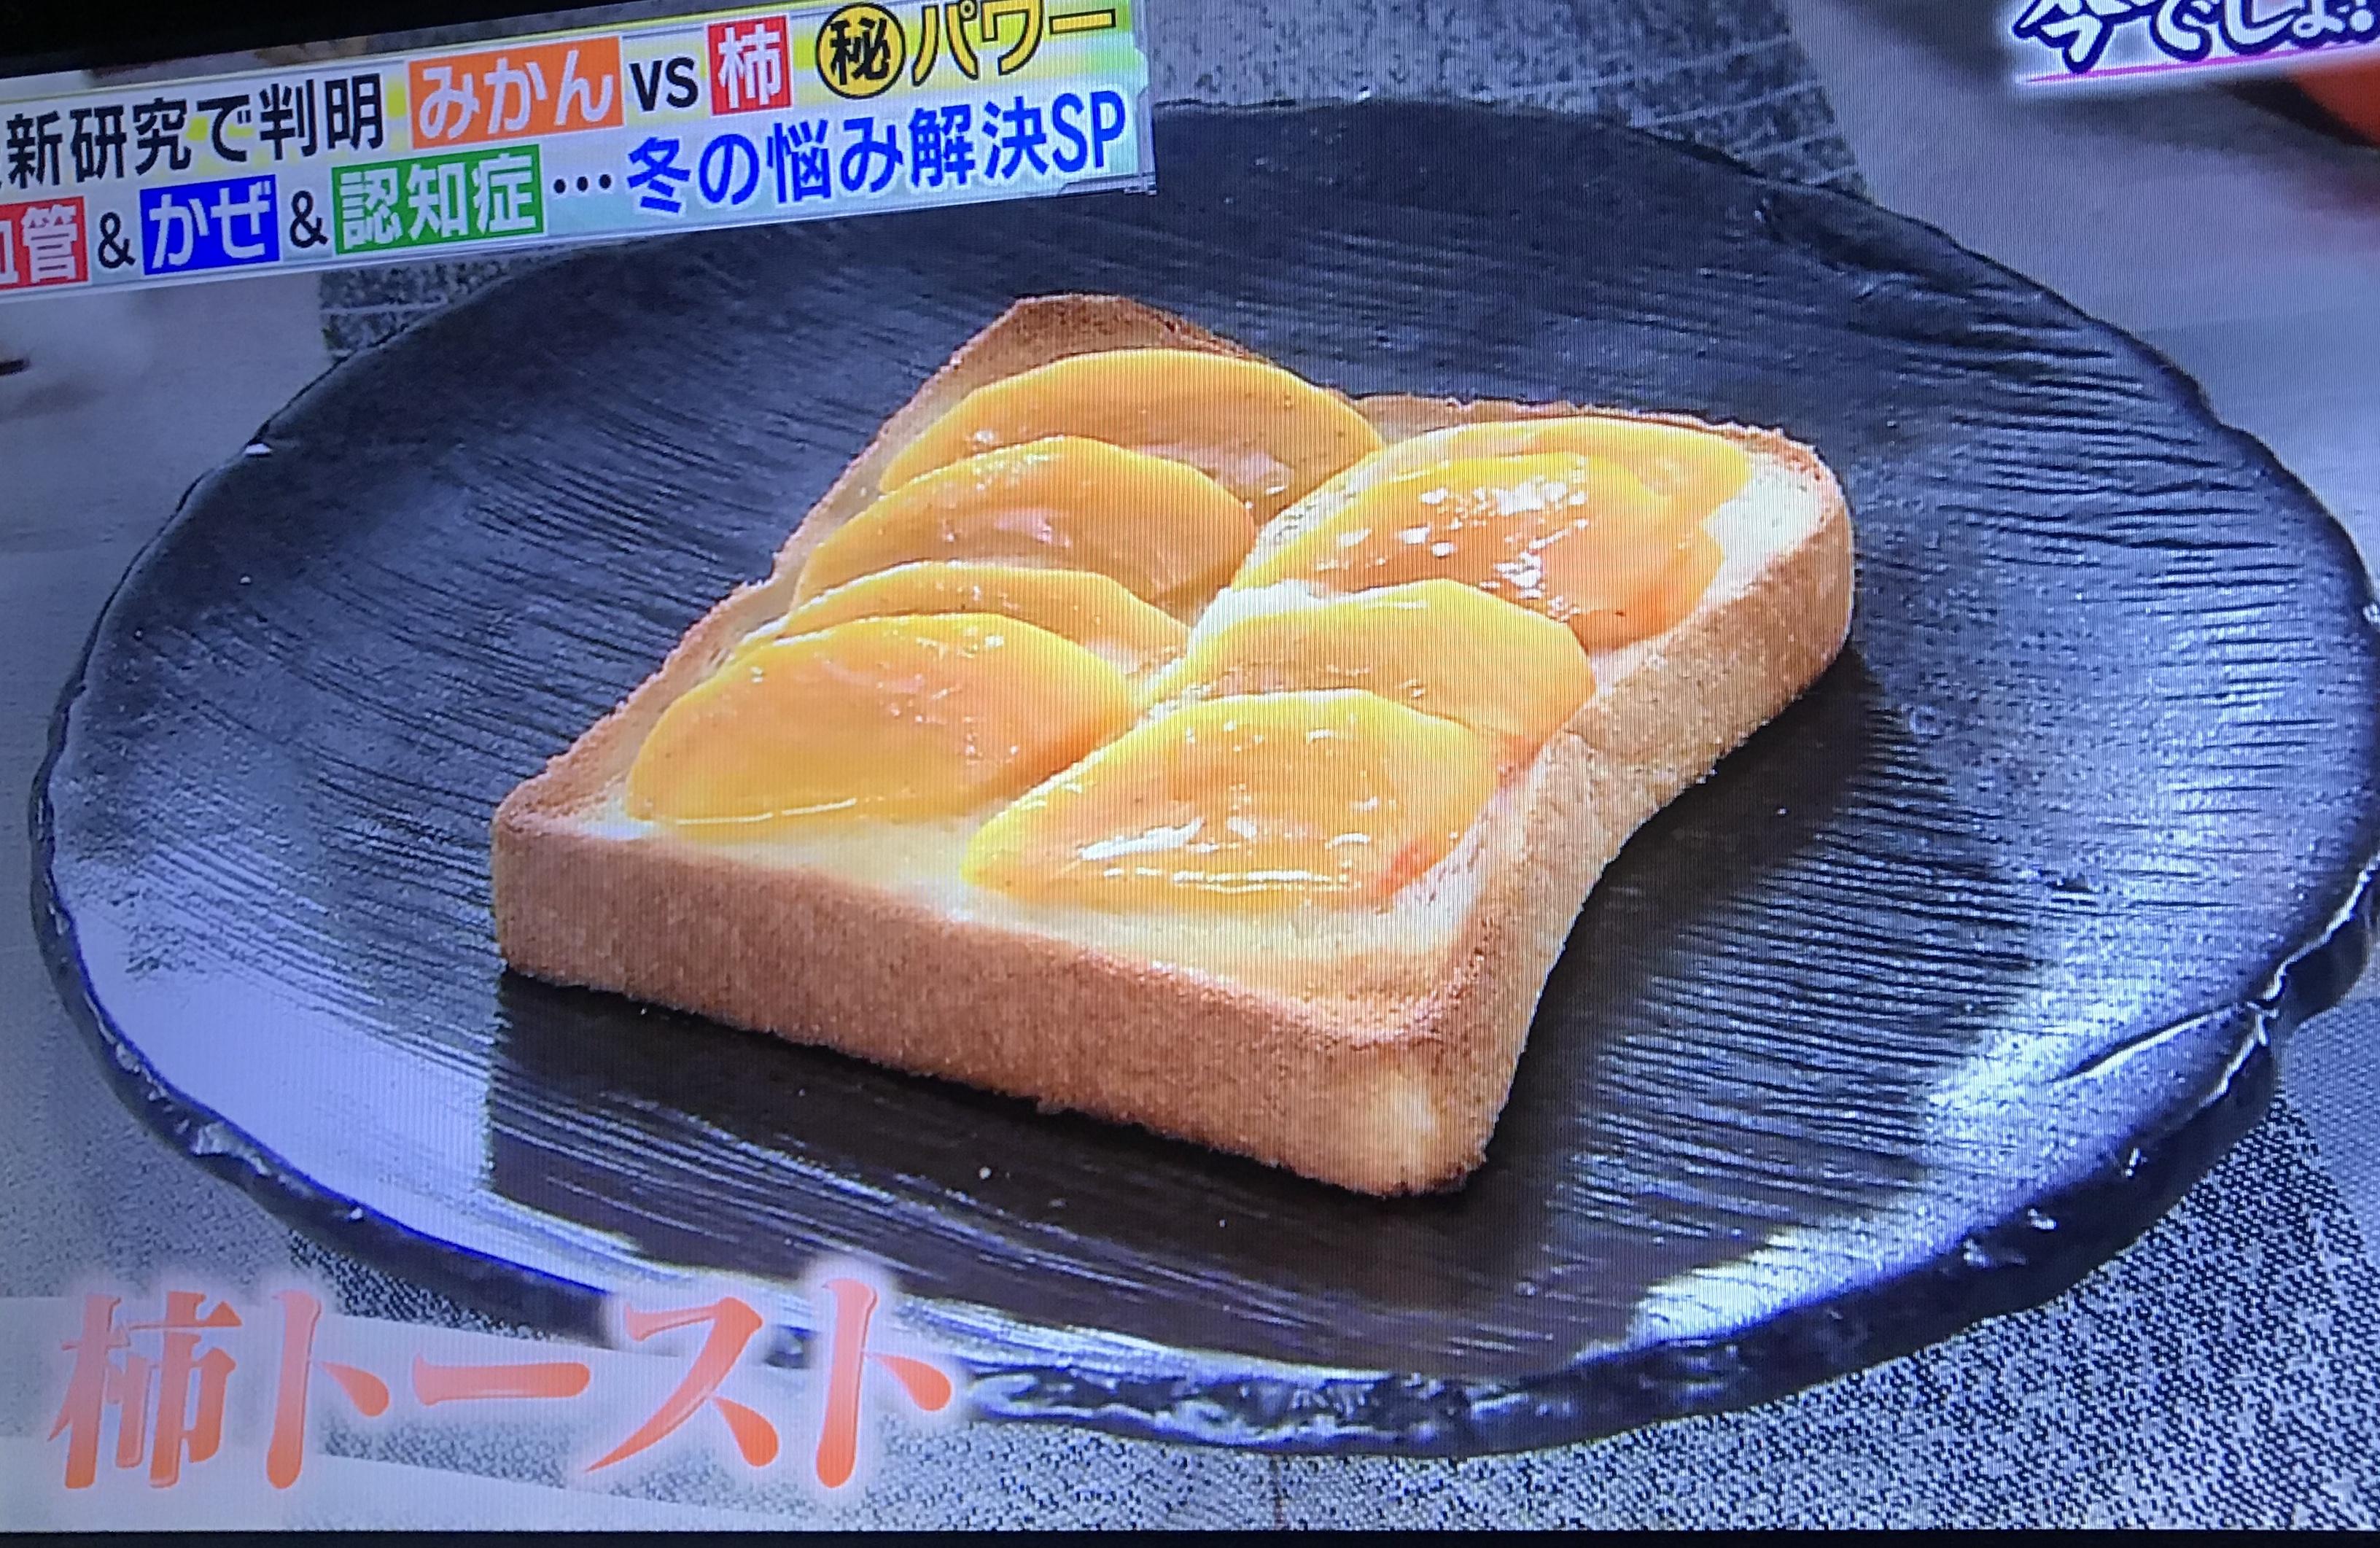 冬の乾燥肌対策!柿トーストレシピ